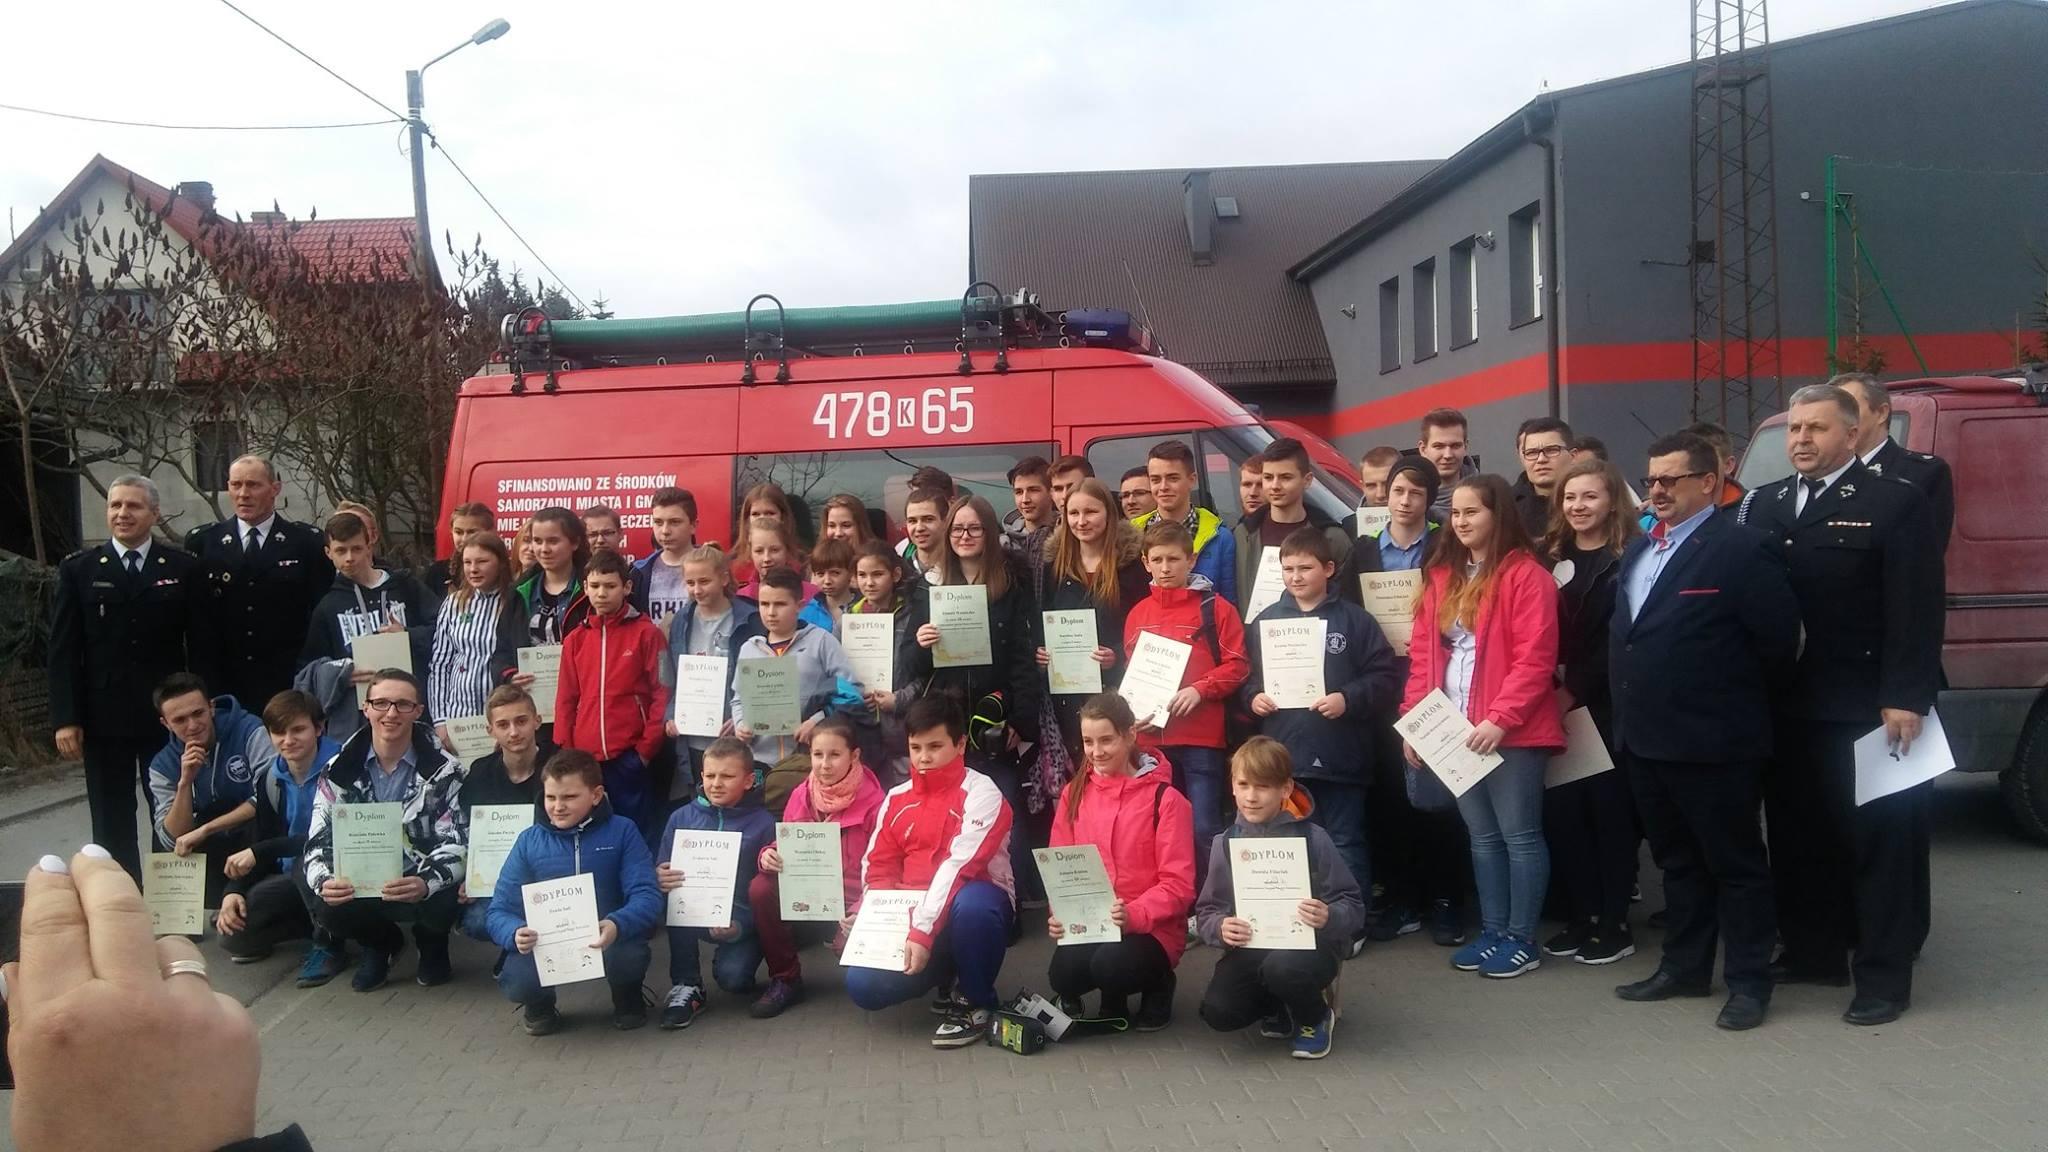 Oglądasz obraz z artykułu: Ogólnopolski Turniej Wiedzy Pożarniczej